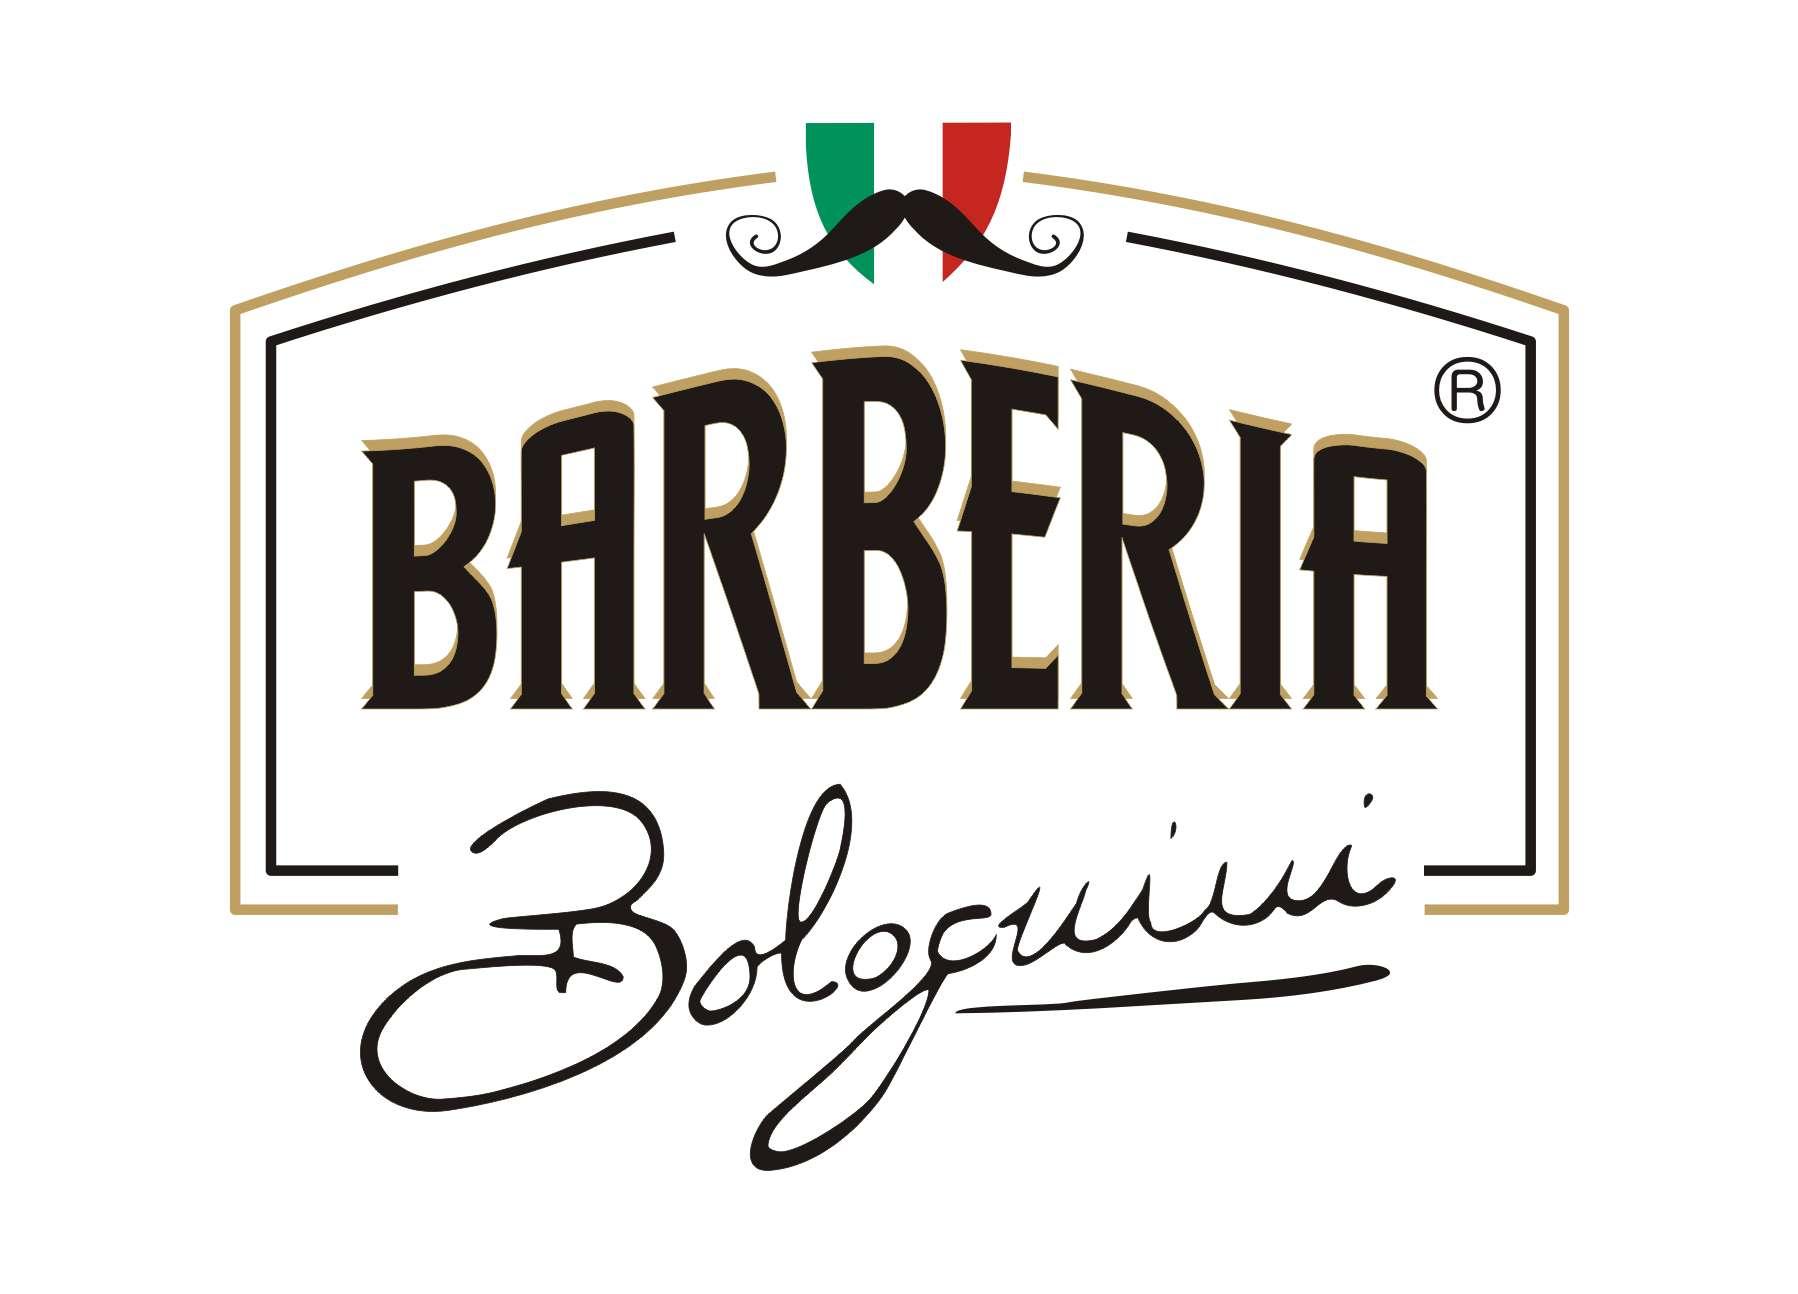 Barbieria Bolognini